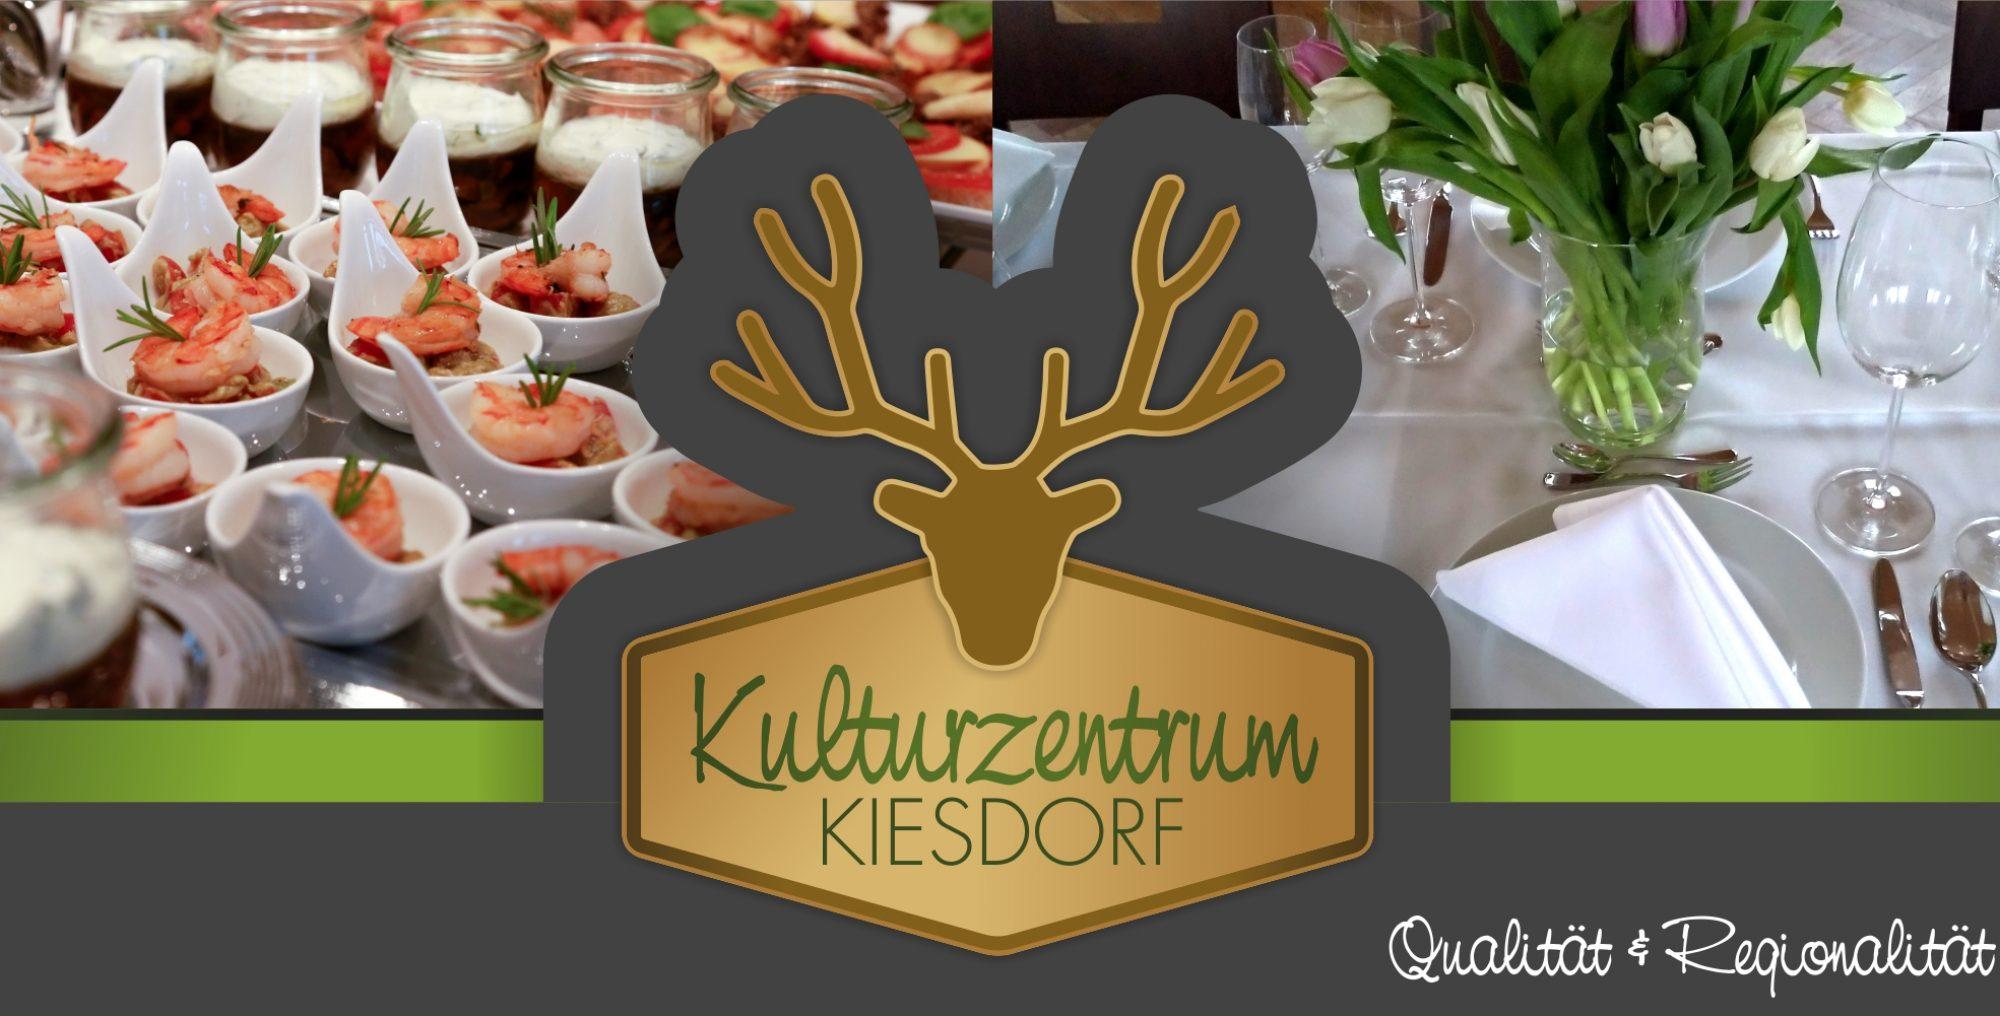 Kulturzentrum Kiesdorf